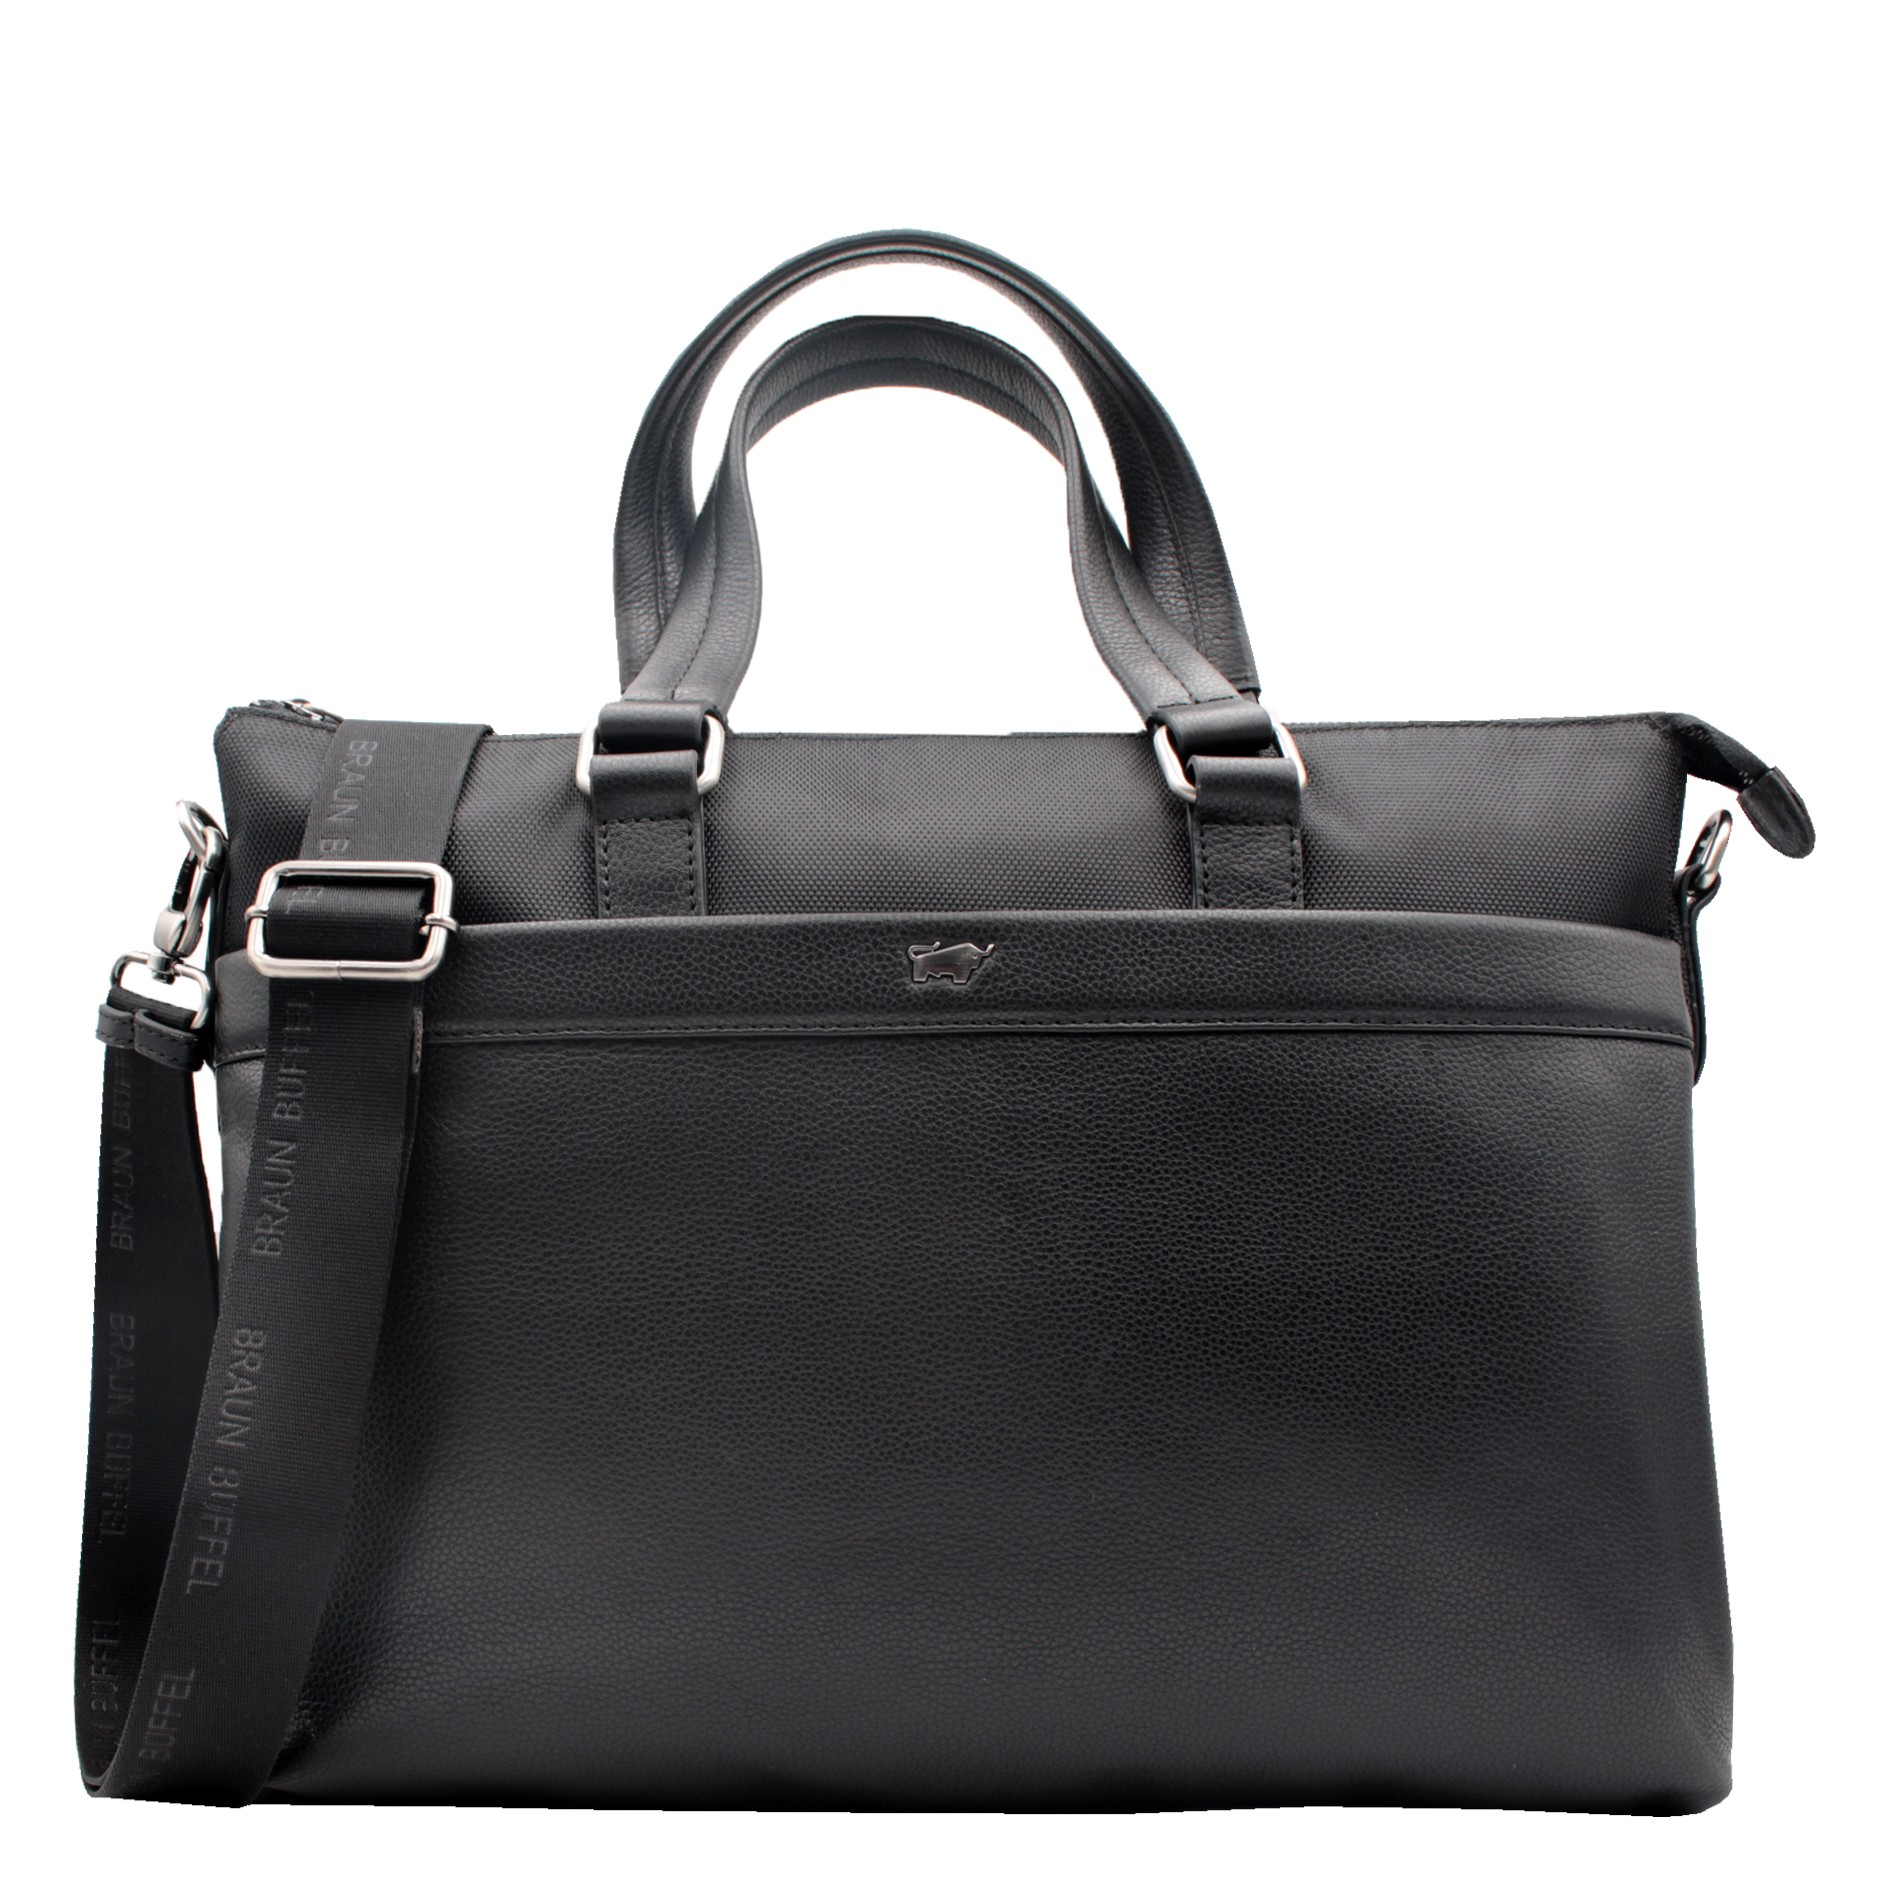 paxos-businesstasche-m-schwarz-genarbtes Rindleder und Nylon-15064-780-010-31